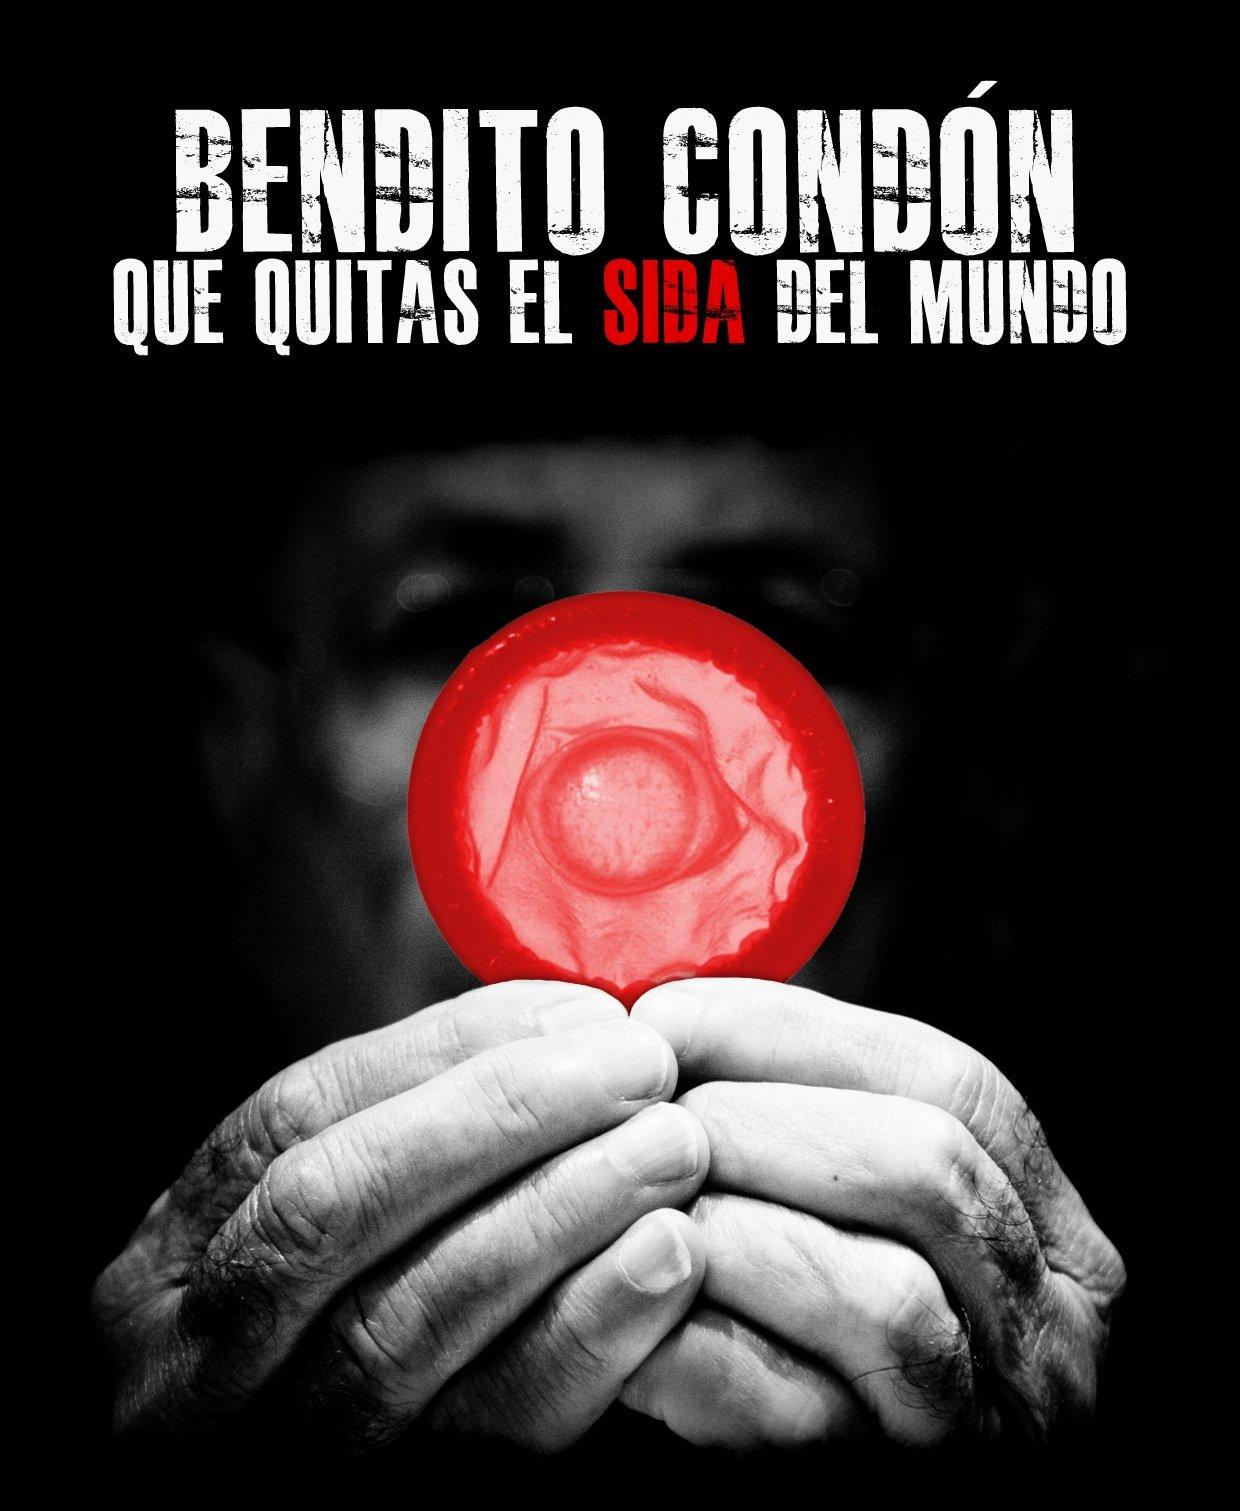 Abren juicio al ex secretario andaluz de Juventudes Socialistas por una campaña pro condón